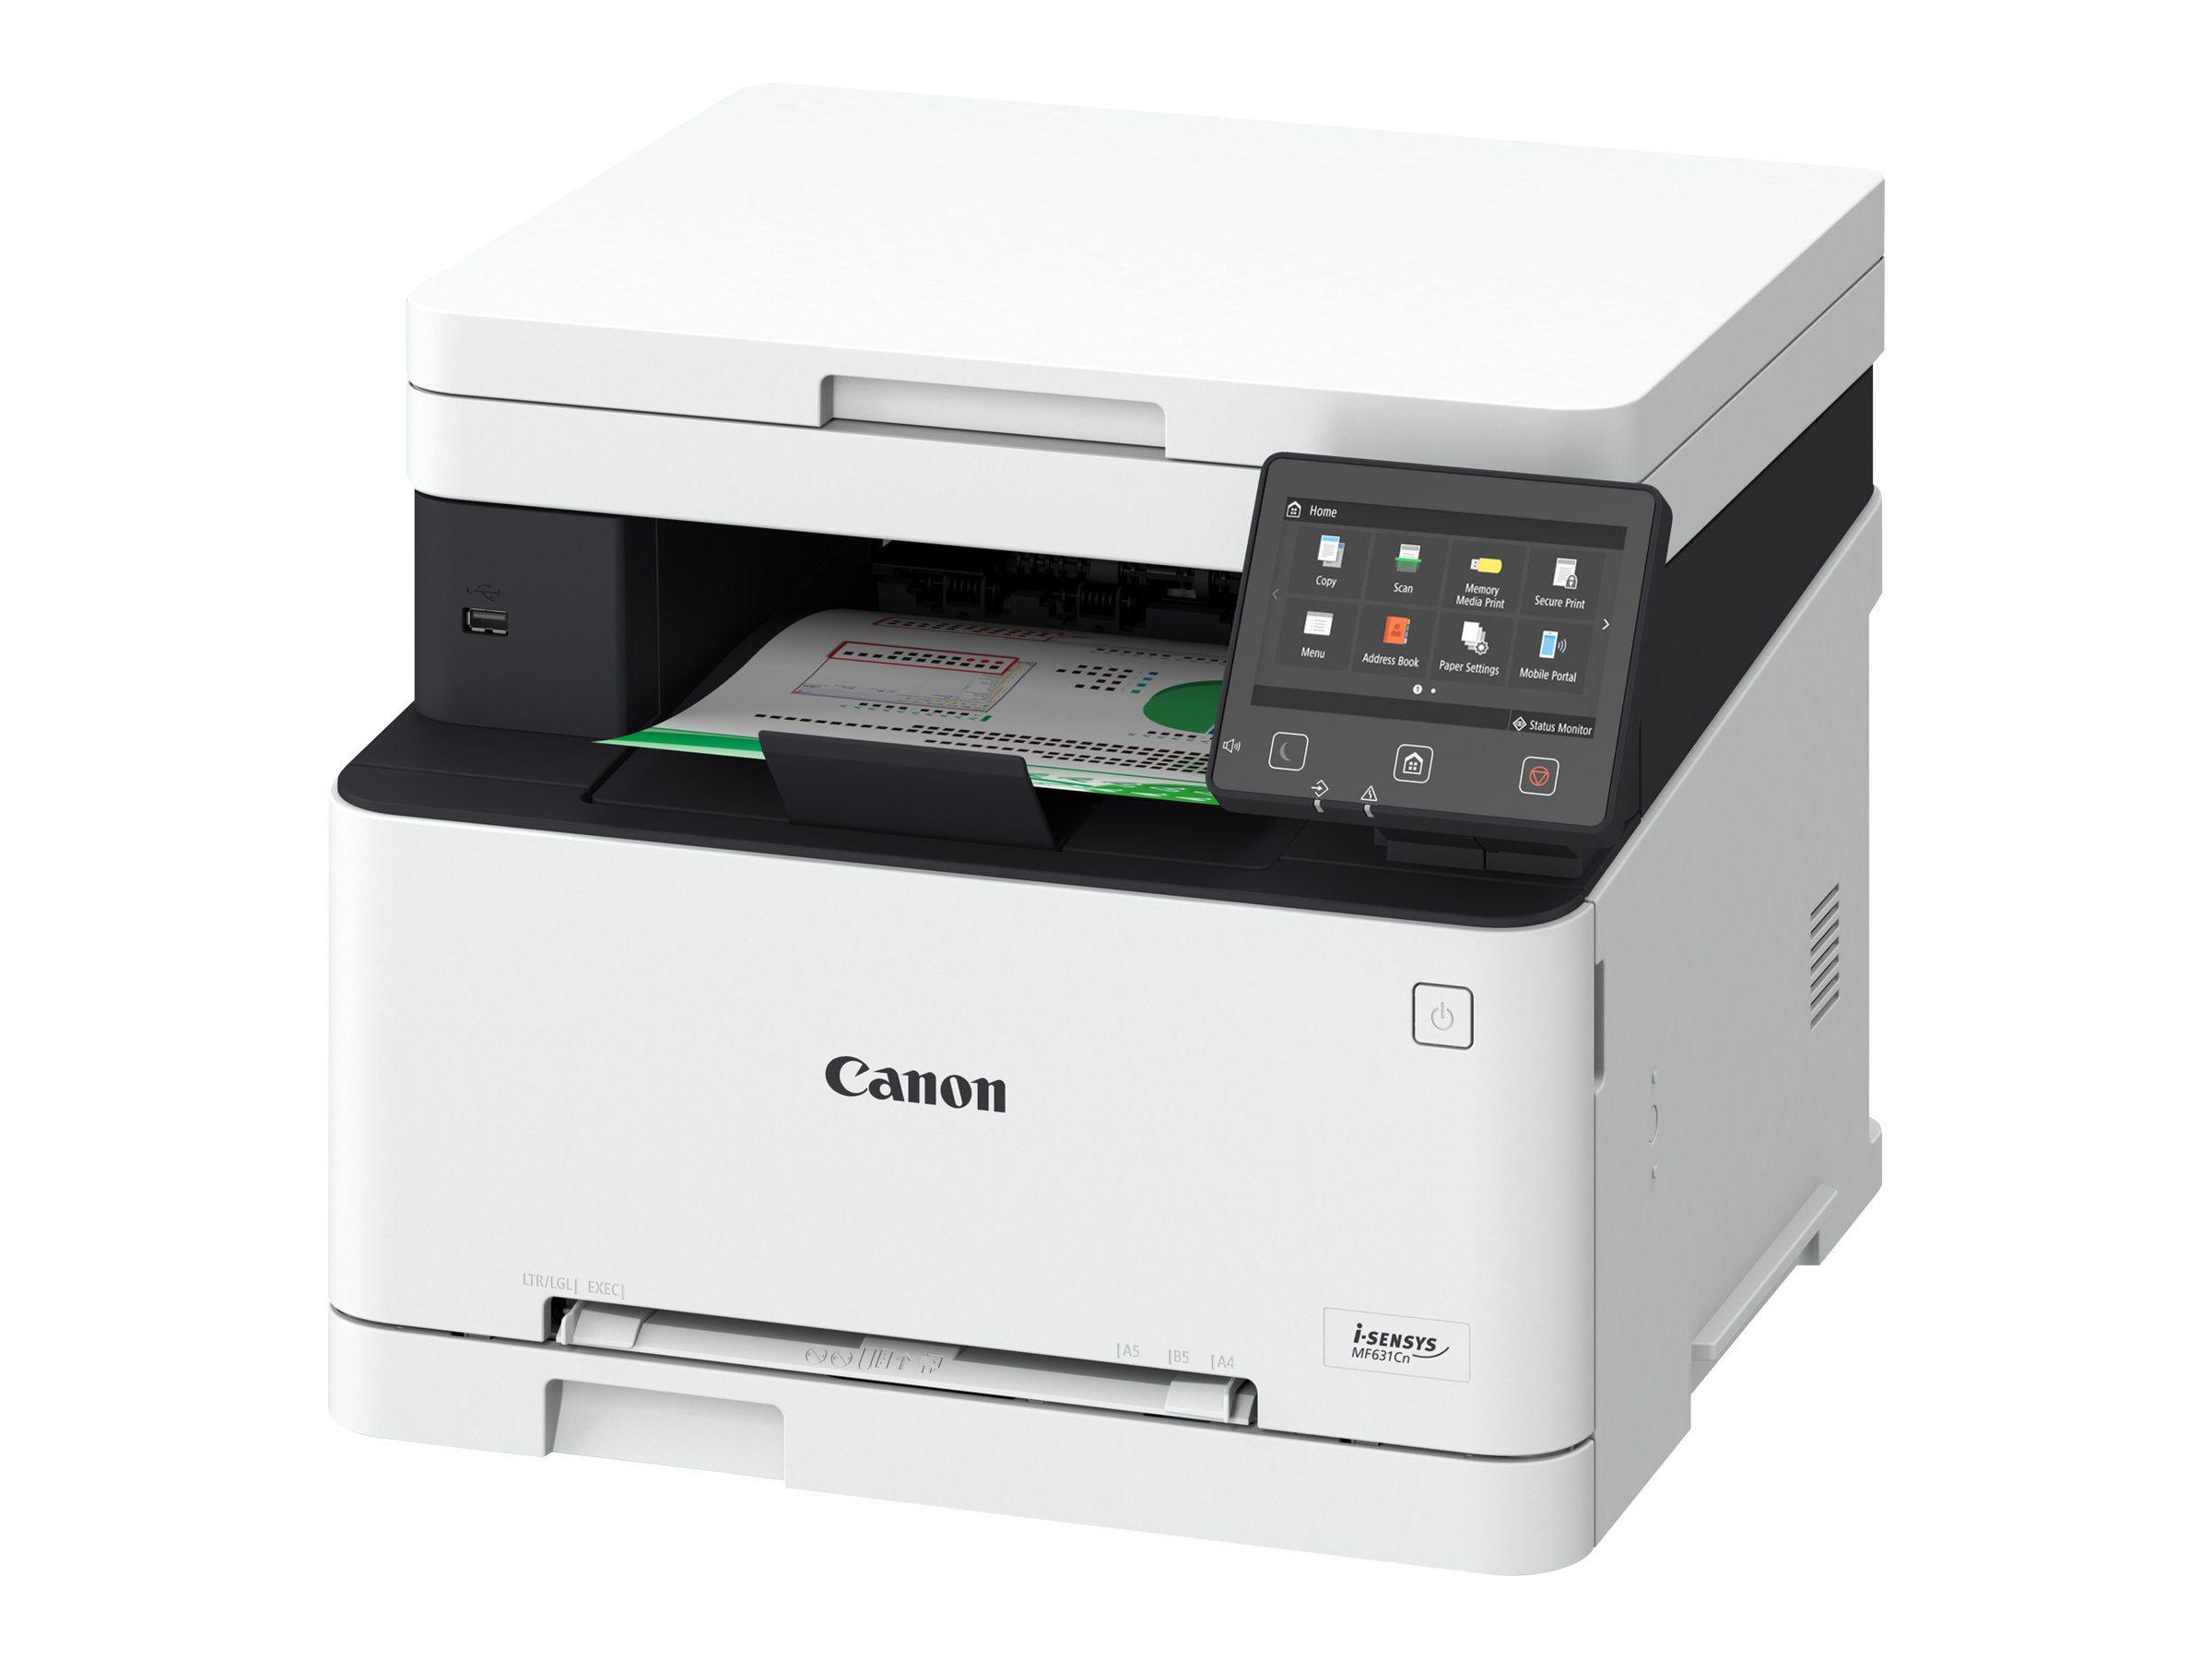 imprimante_canon_mf_631_cn